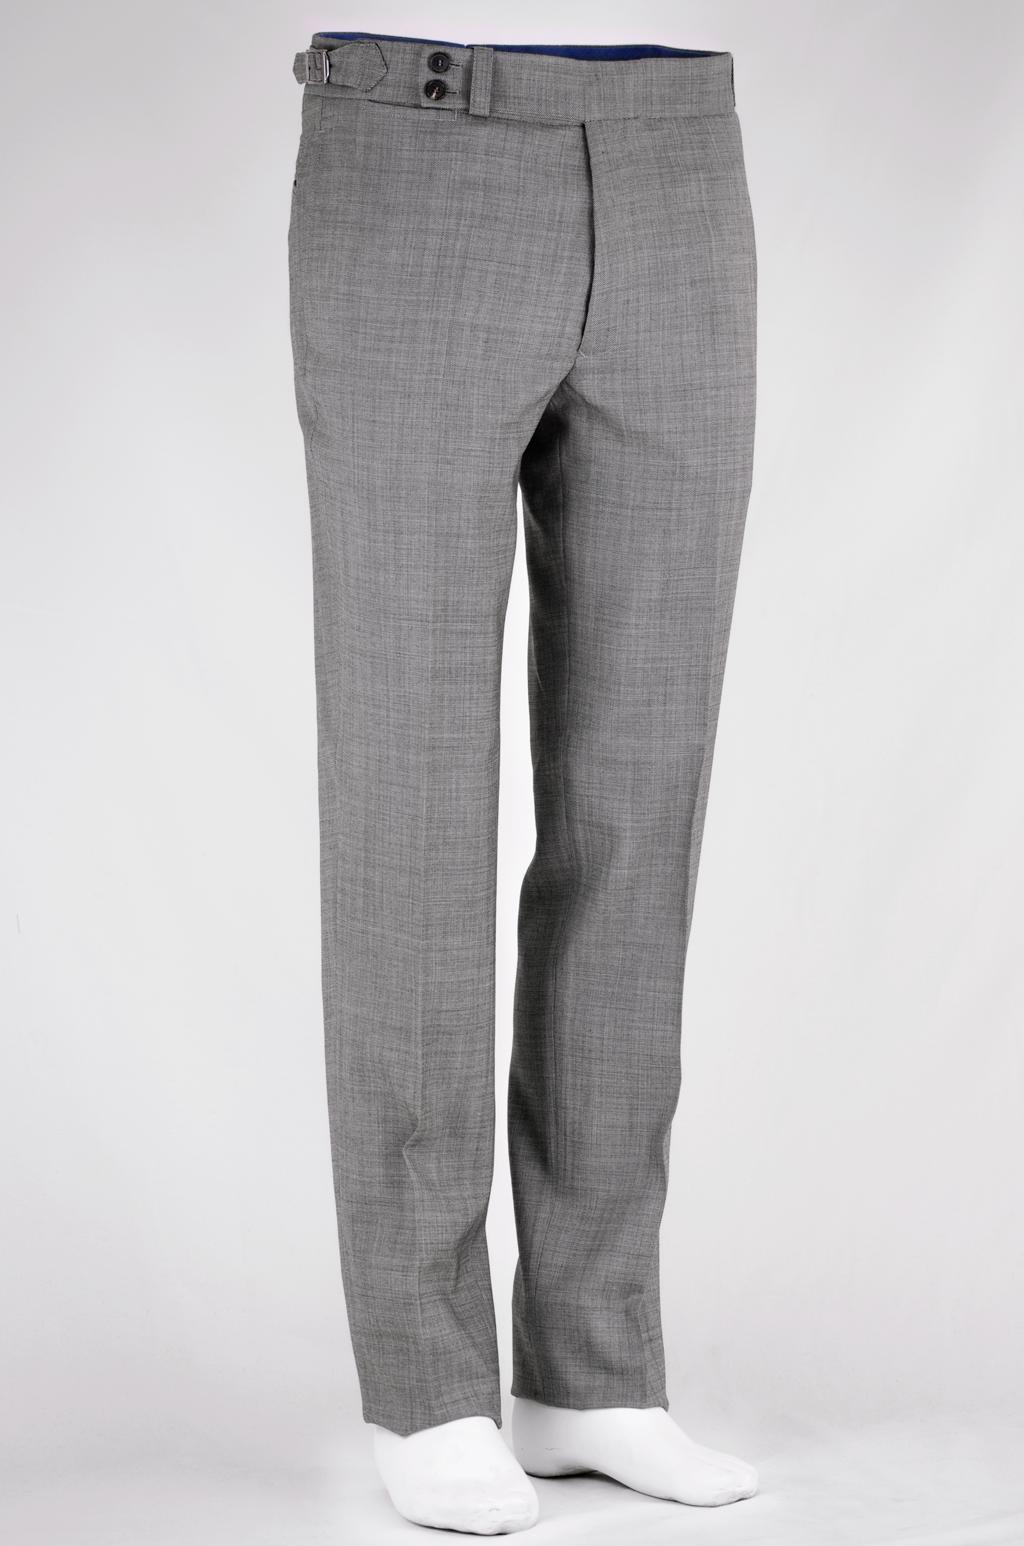 86c5691e1bf Pantalón P5R LA 120 5550 - Pantalones - Hombre - Colección | MEN'S ...